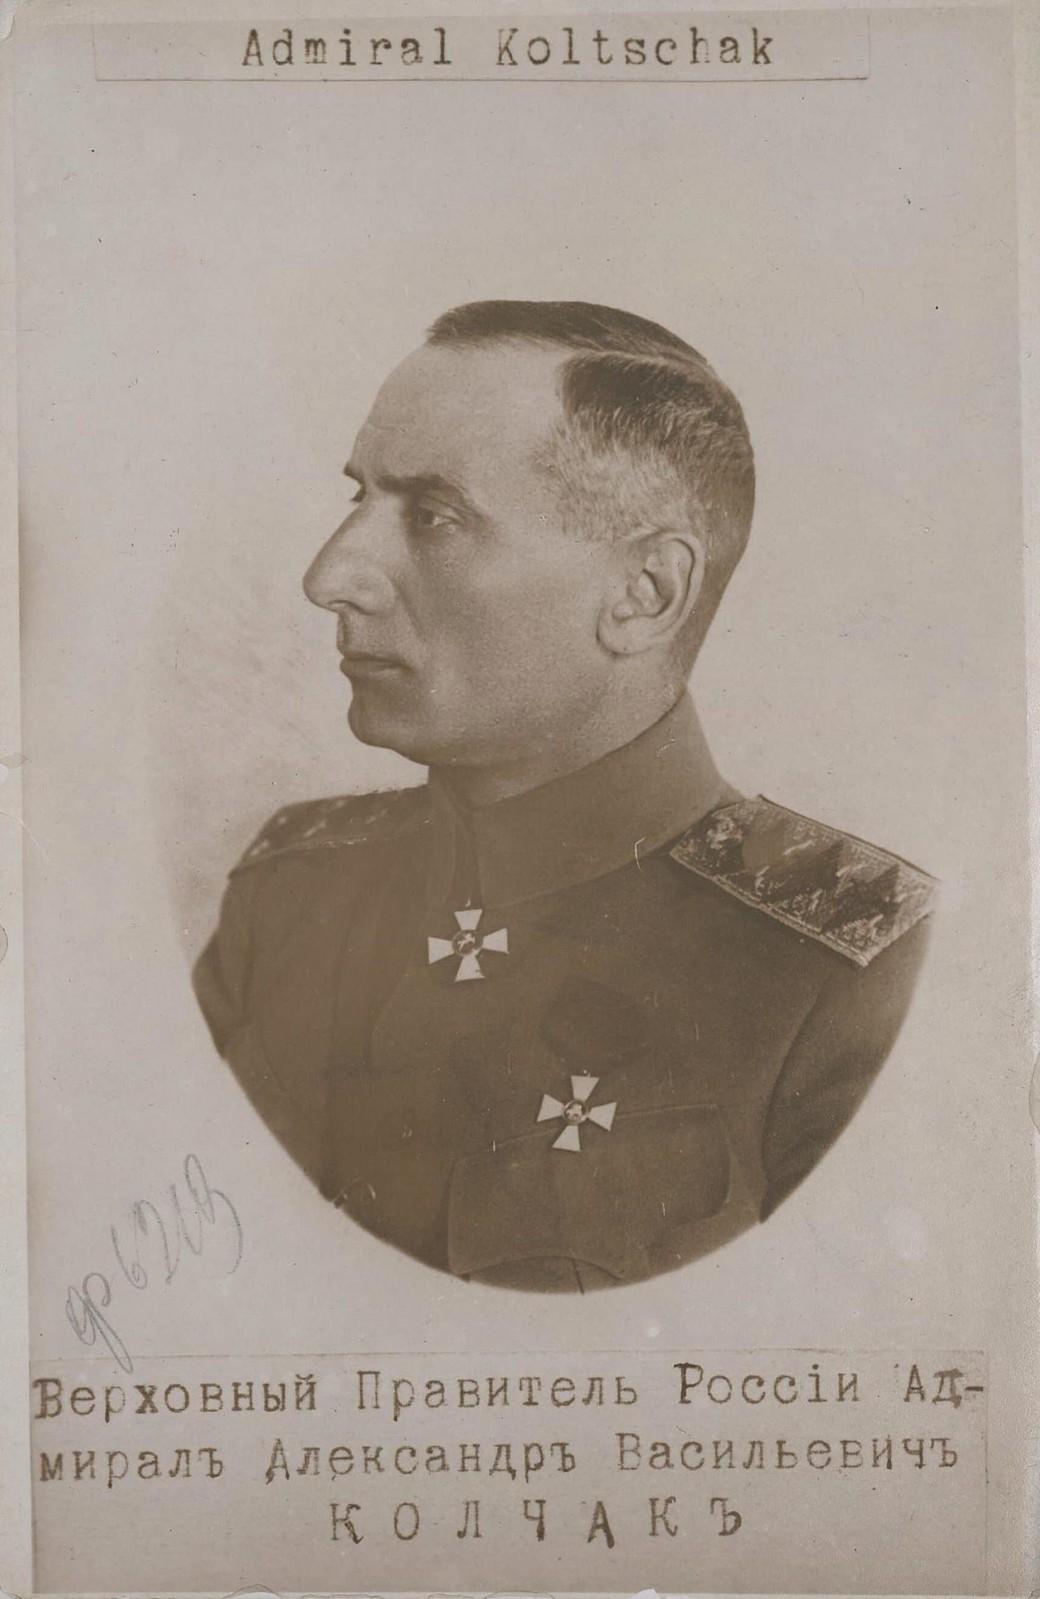 08. Адмирал Александр Васильевич Колчак